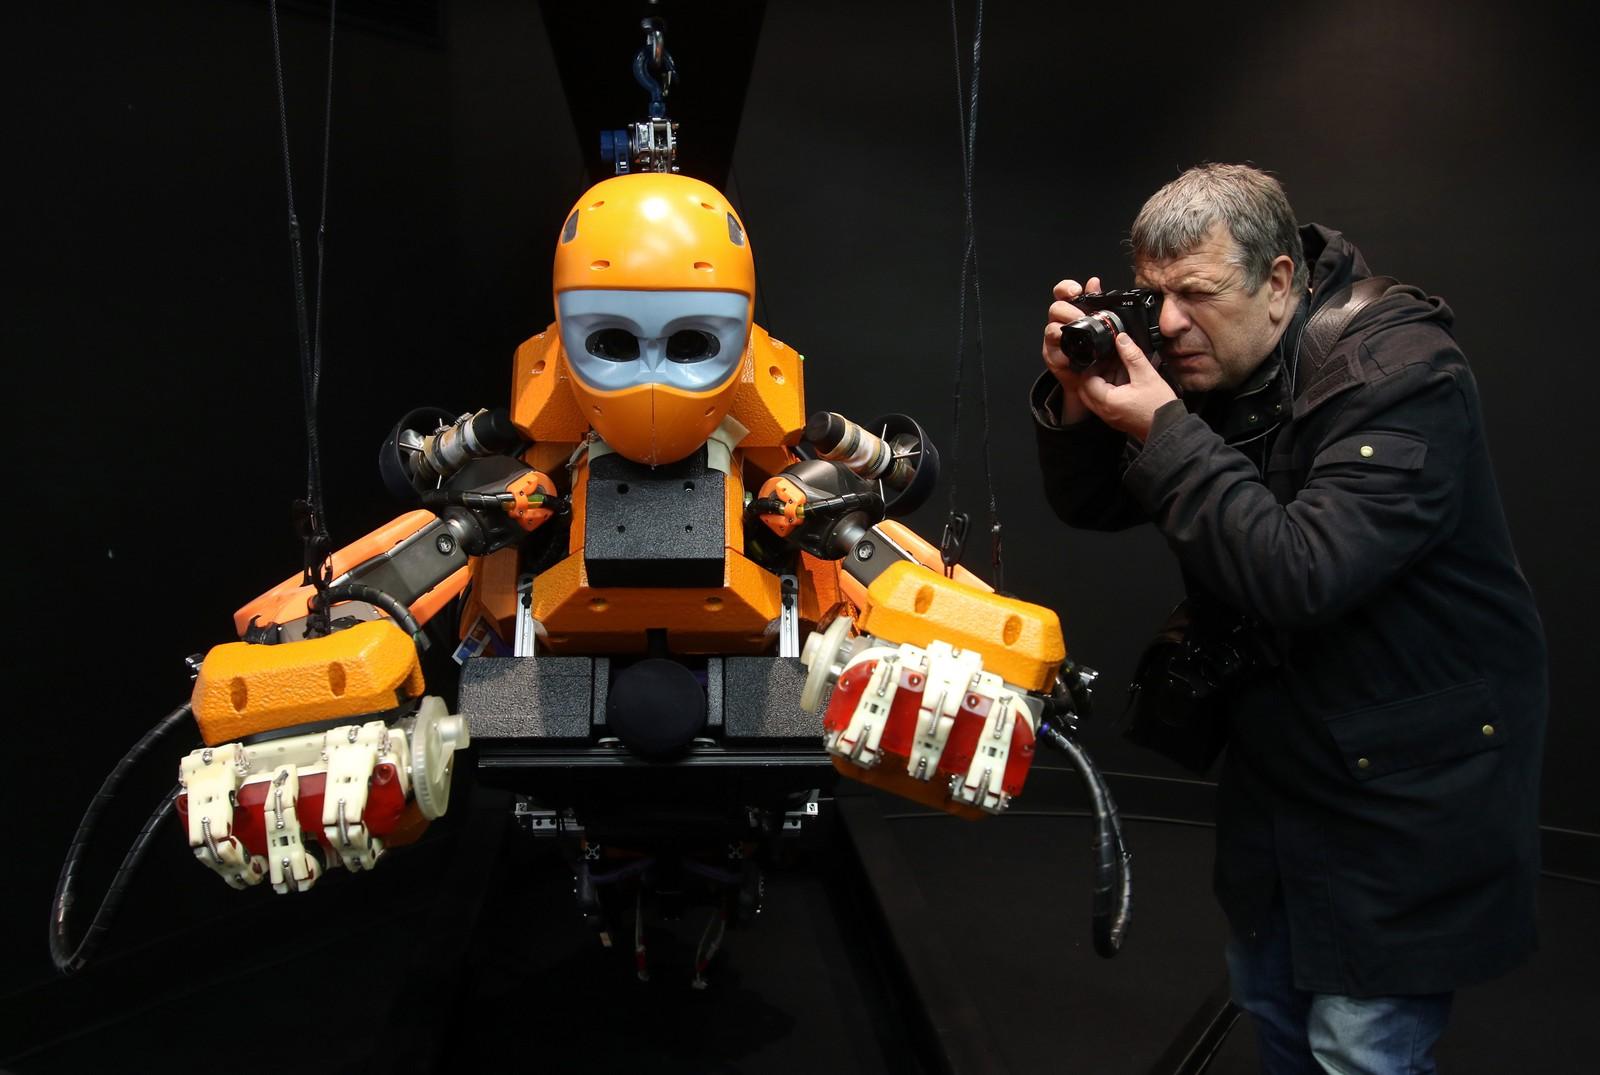 Dykkerroboten «Ocean One» ble vist fram ved det historiske museet i Marseille i Frankrike. Roboten ligner et menneske i form og forskerne håper den kan være til stor hjelp i forbindelse med arkeologiske utgravinger under vann.